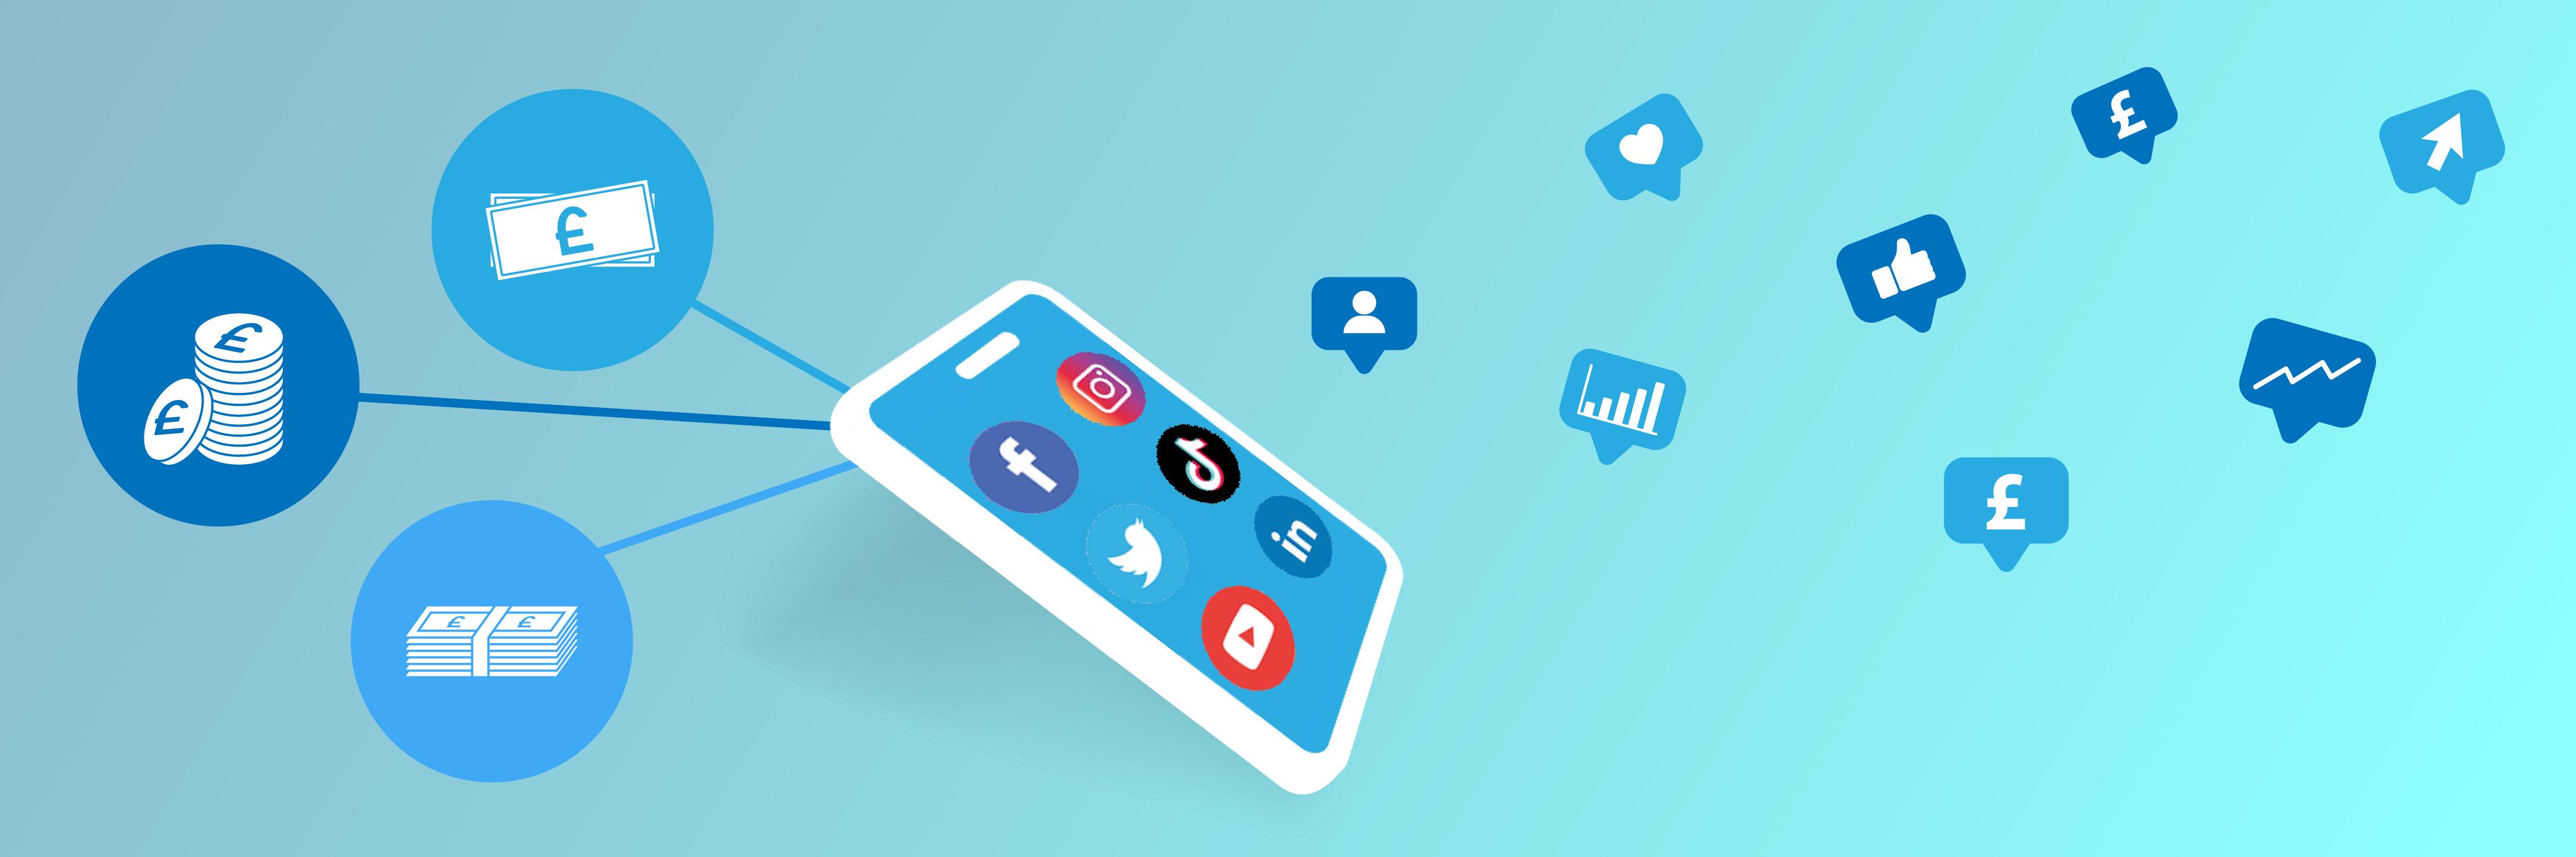 paid social media icons